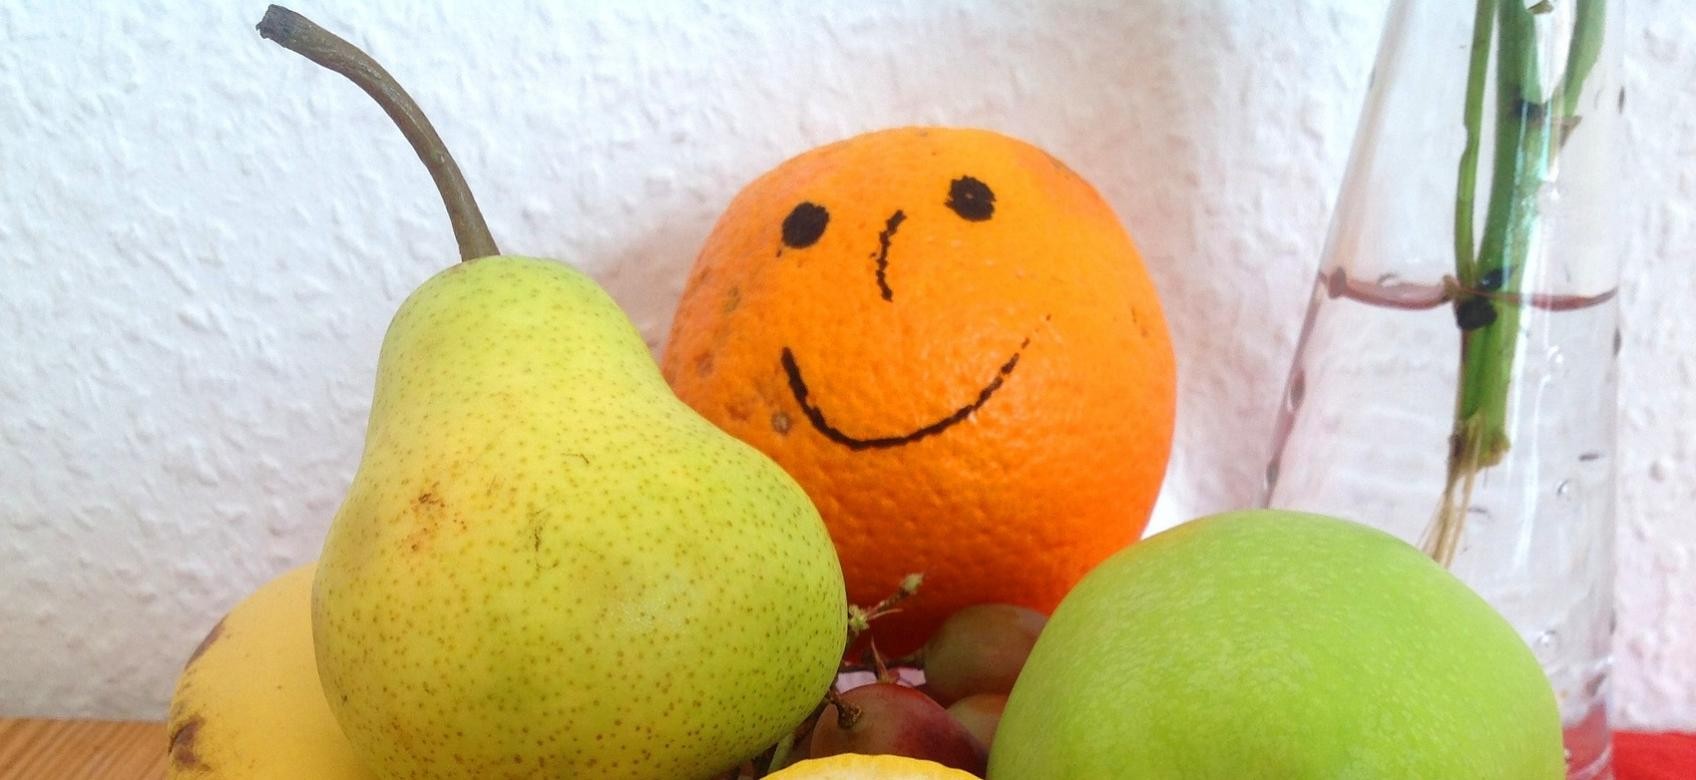 Plato con varias frutas